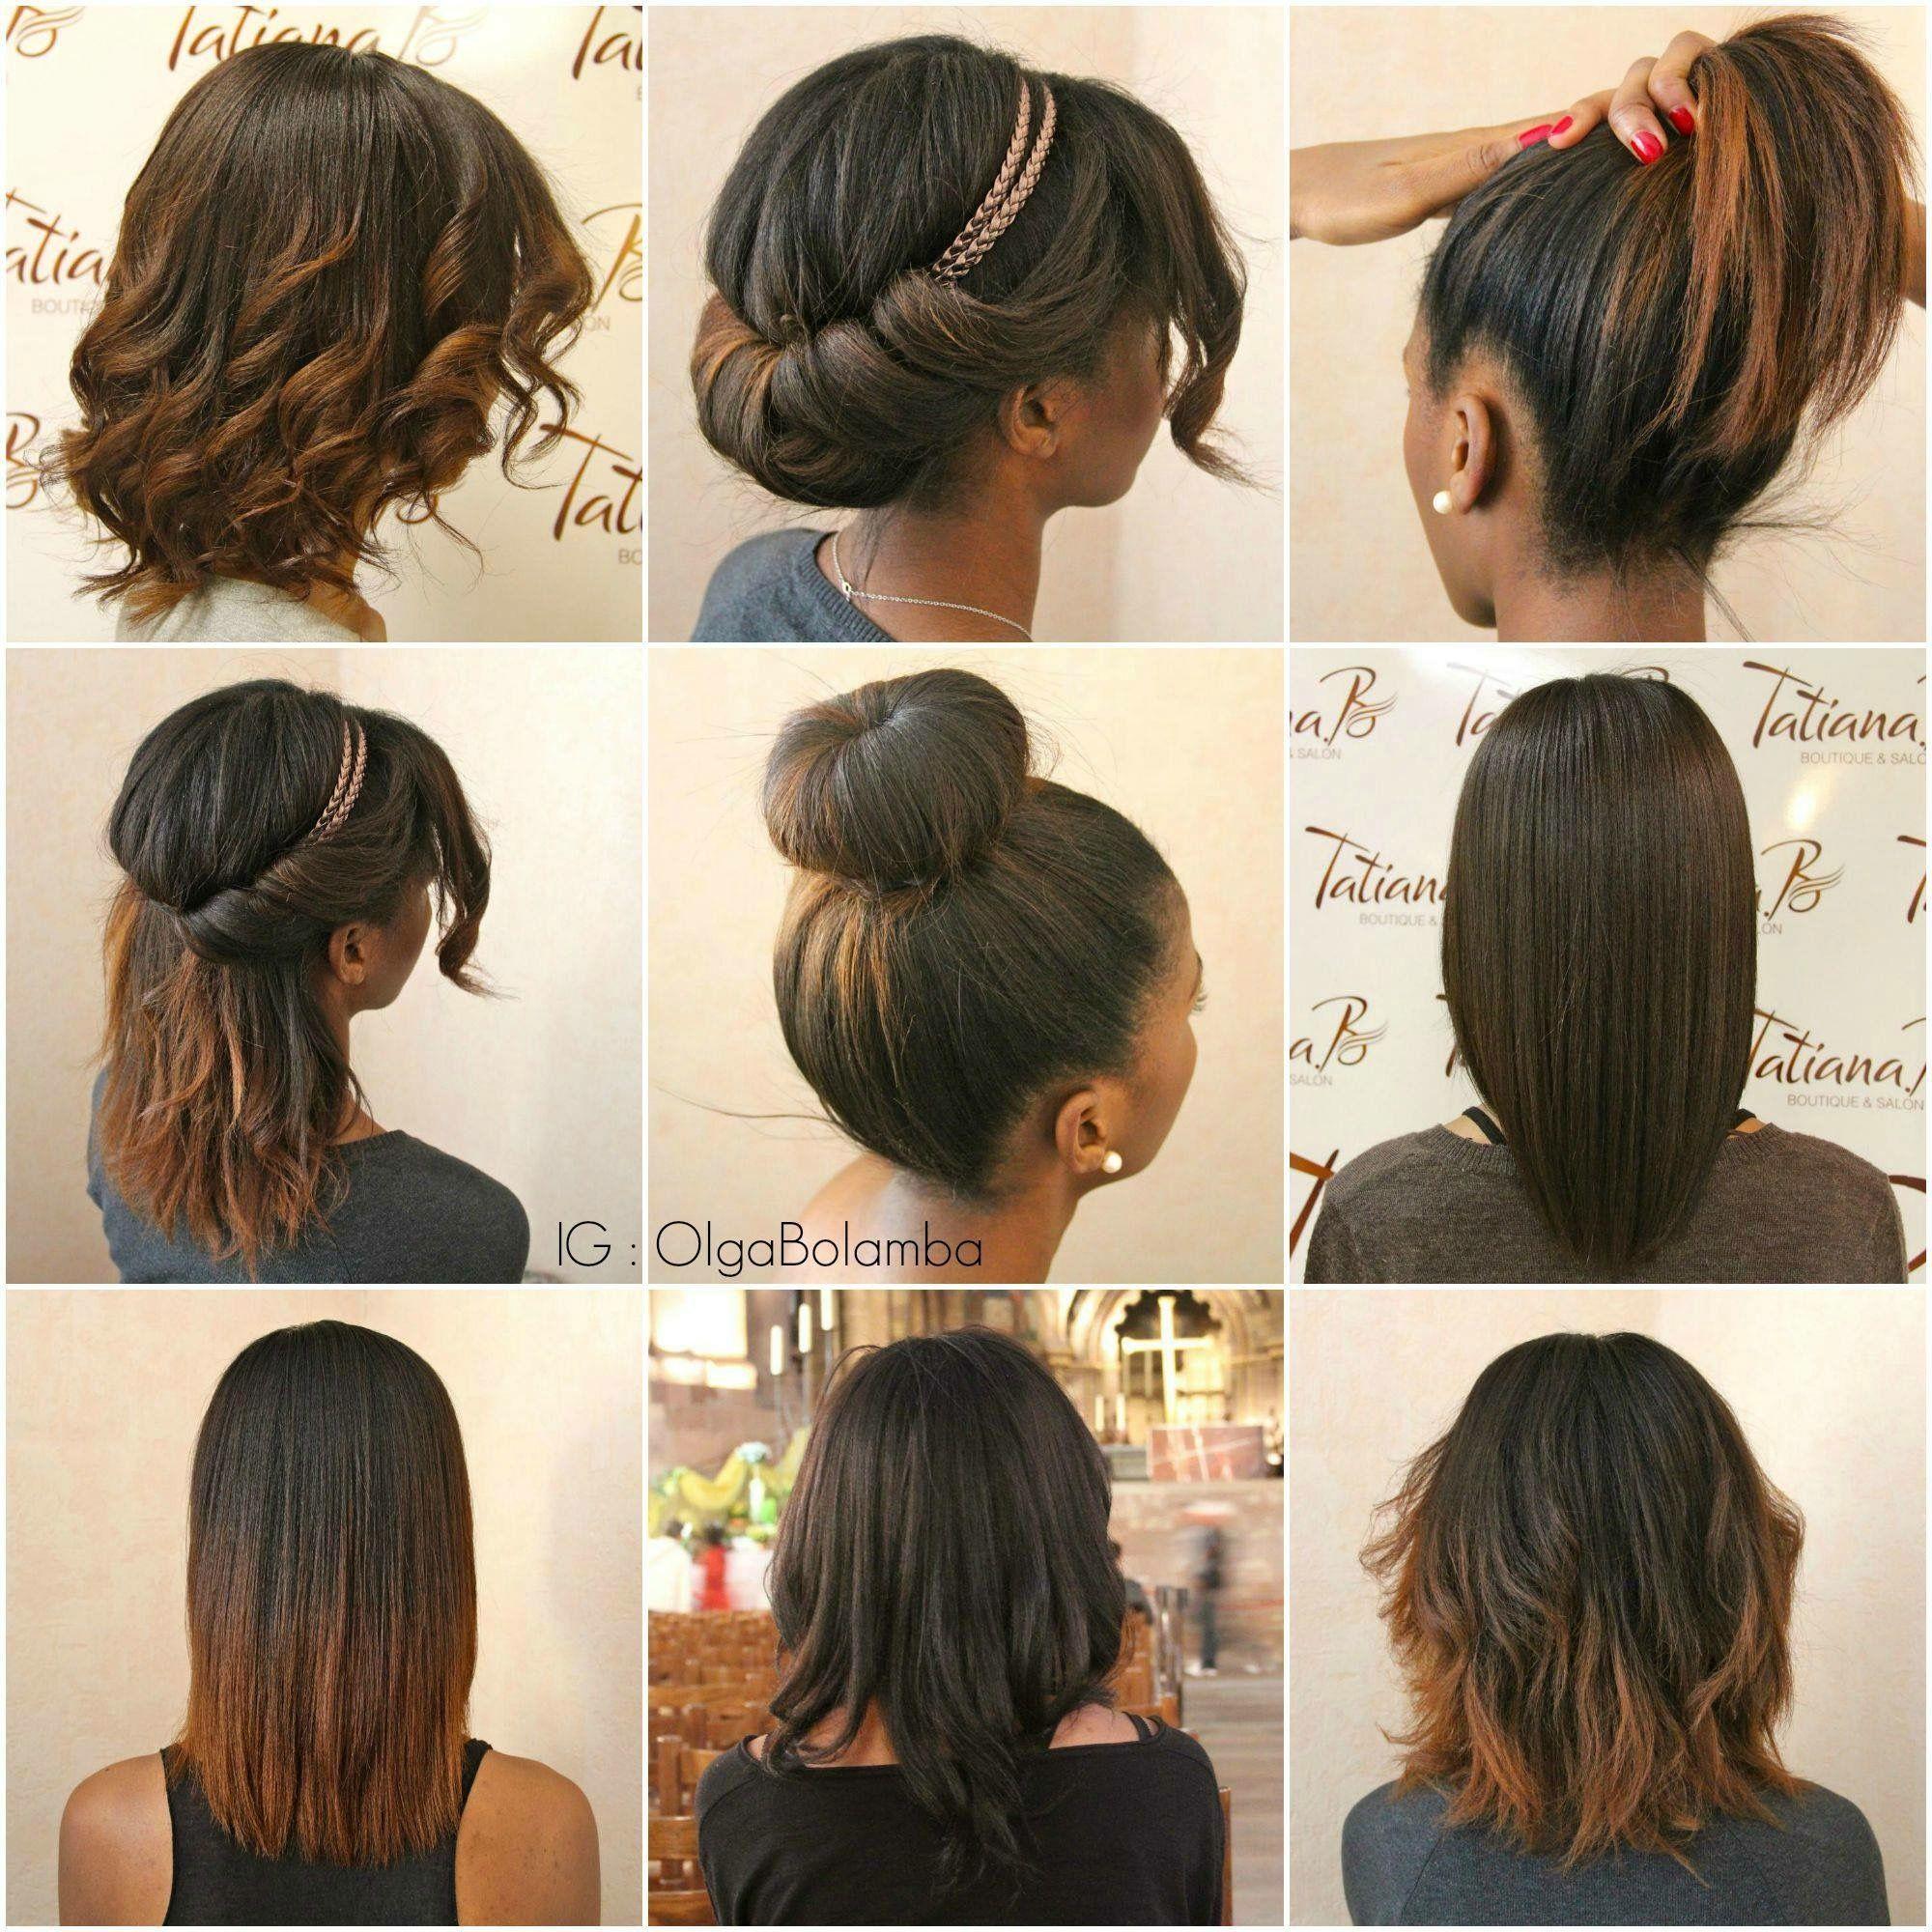 Épinglé par Ananiniss sur Beauté capillaire Cheveux